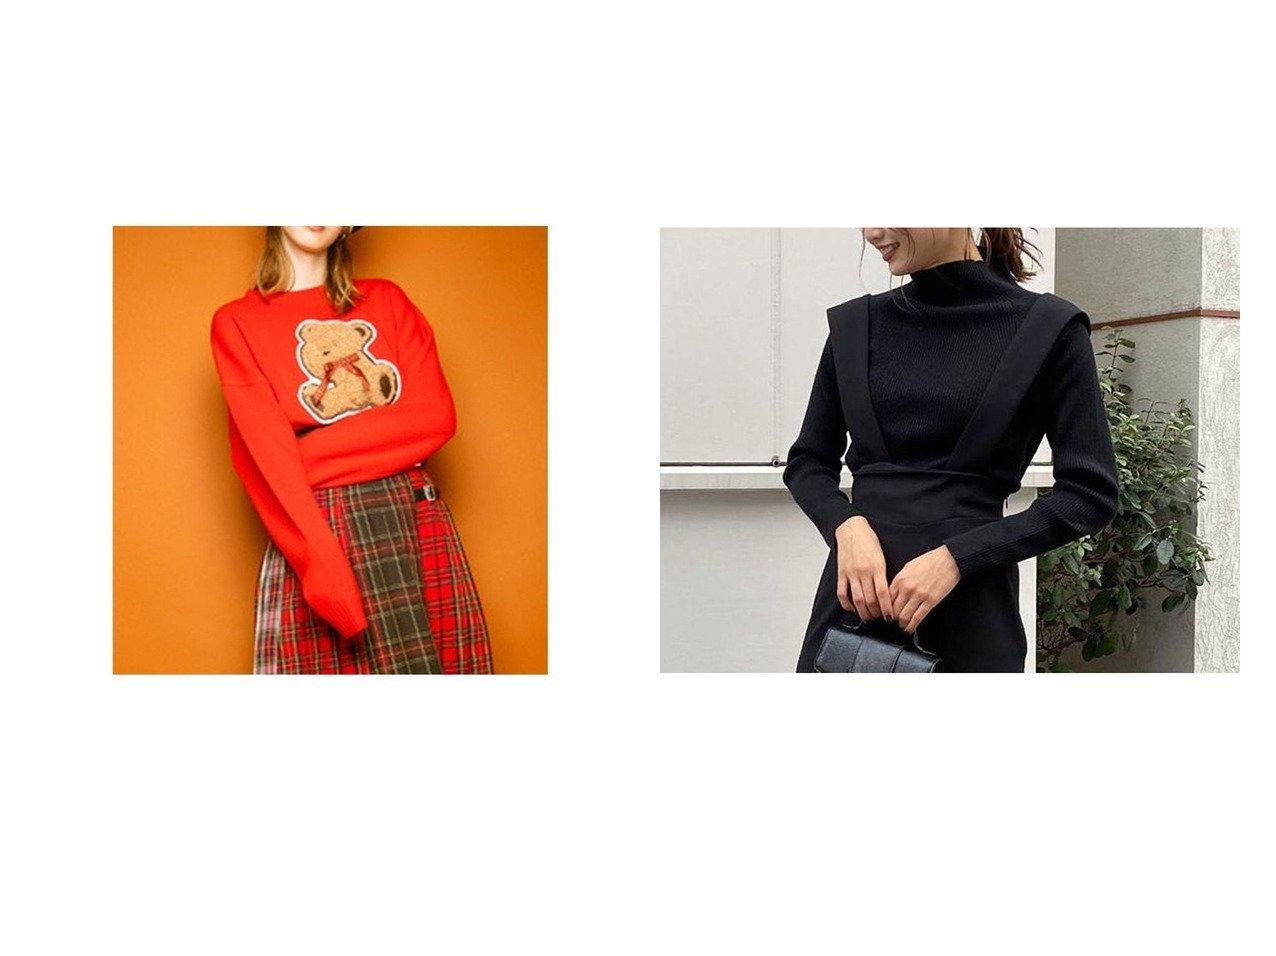 【rienda/リエンダ】のウォッシャブルハイN RIB KNIT TOP&【Candy Stripper/キャンディストリッパー】のLOOKS LONELY TEDDY KNIT トップス・カットソーのおすすめ!人気、トレンド・レディースファッションの通販 おすすめで人気の流行・トレンド、ファッションの通販商品 メンズファッション・キッズファッション・インテリア・家具・レディースファッション・服の通販 founy(ファニー) https://founy.com/ ファッション Fashion レディースファッション WOMEN トップス Tops Tshirt ニット Knit Tops A/W 秋冬 AW Autumn/Winter / FW Fall-Winter アクリル 2020年 2020 2020-2021 秋冬 A/W AW Autumn/Winter / FW Fall-Winter 2020-2021 ハイネック 定番 Standard 洗える |ID:crp329100000014852